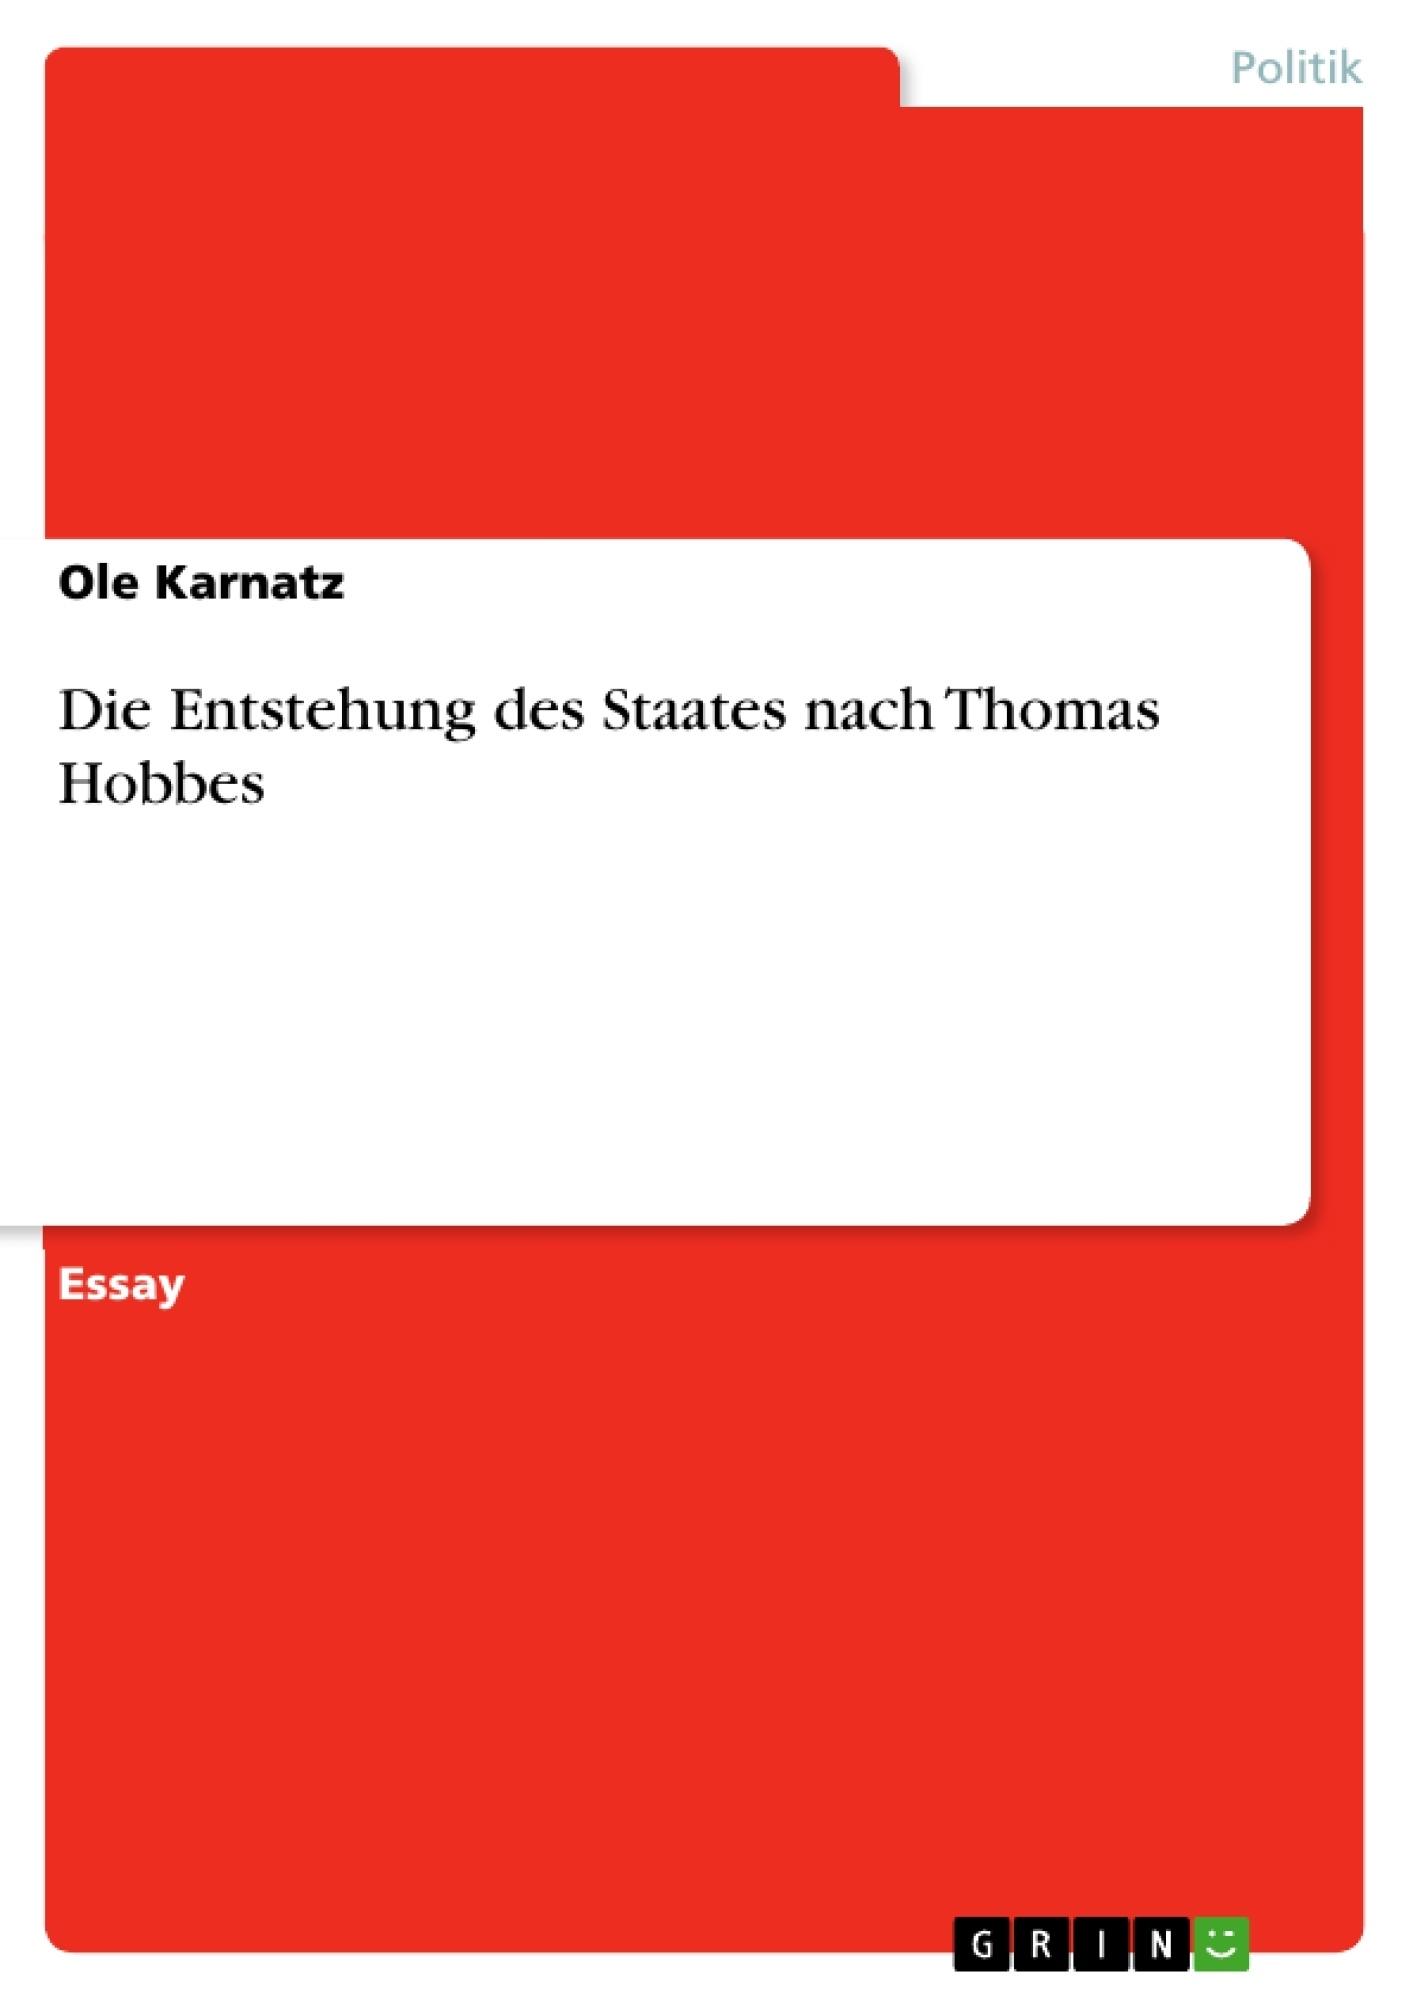 Titel: Die Entstehung des Staates nach Thomas Hobbes